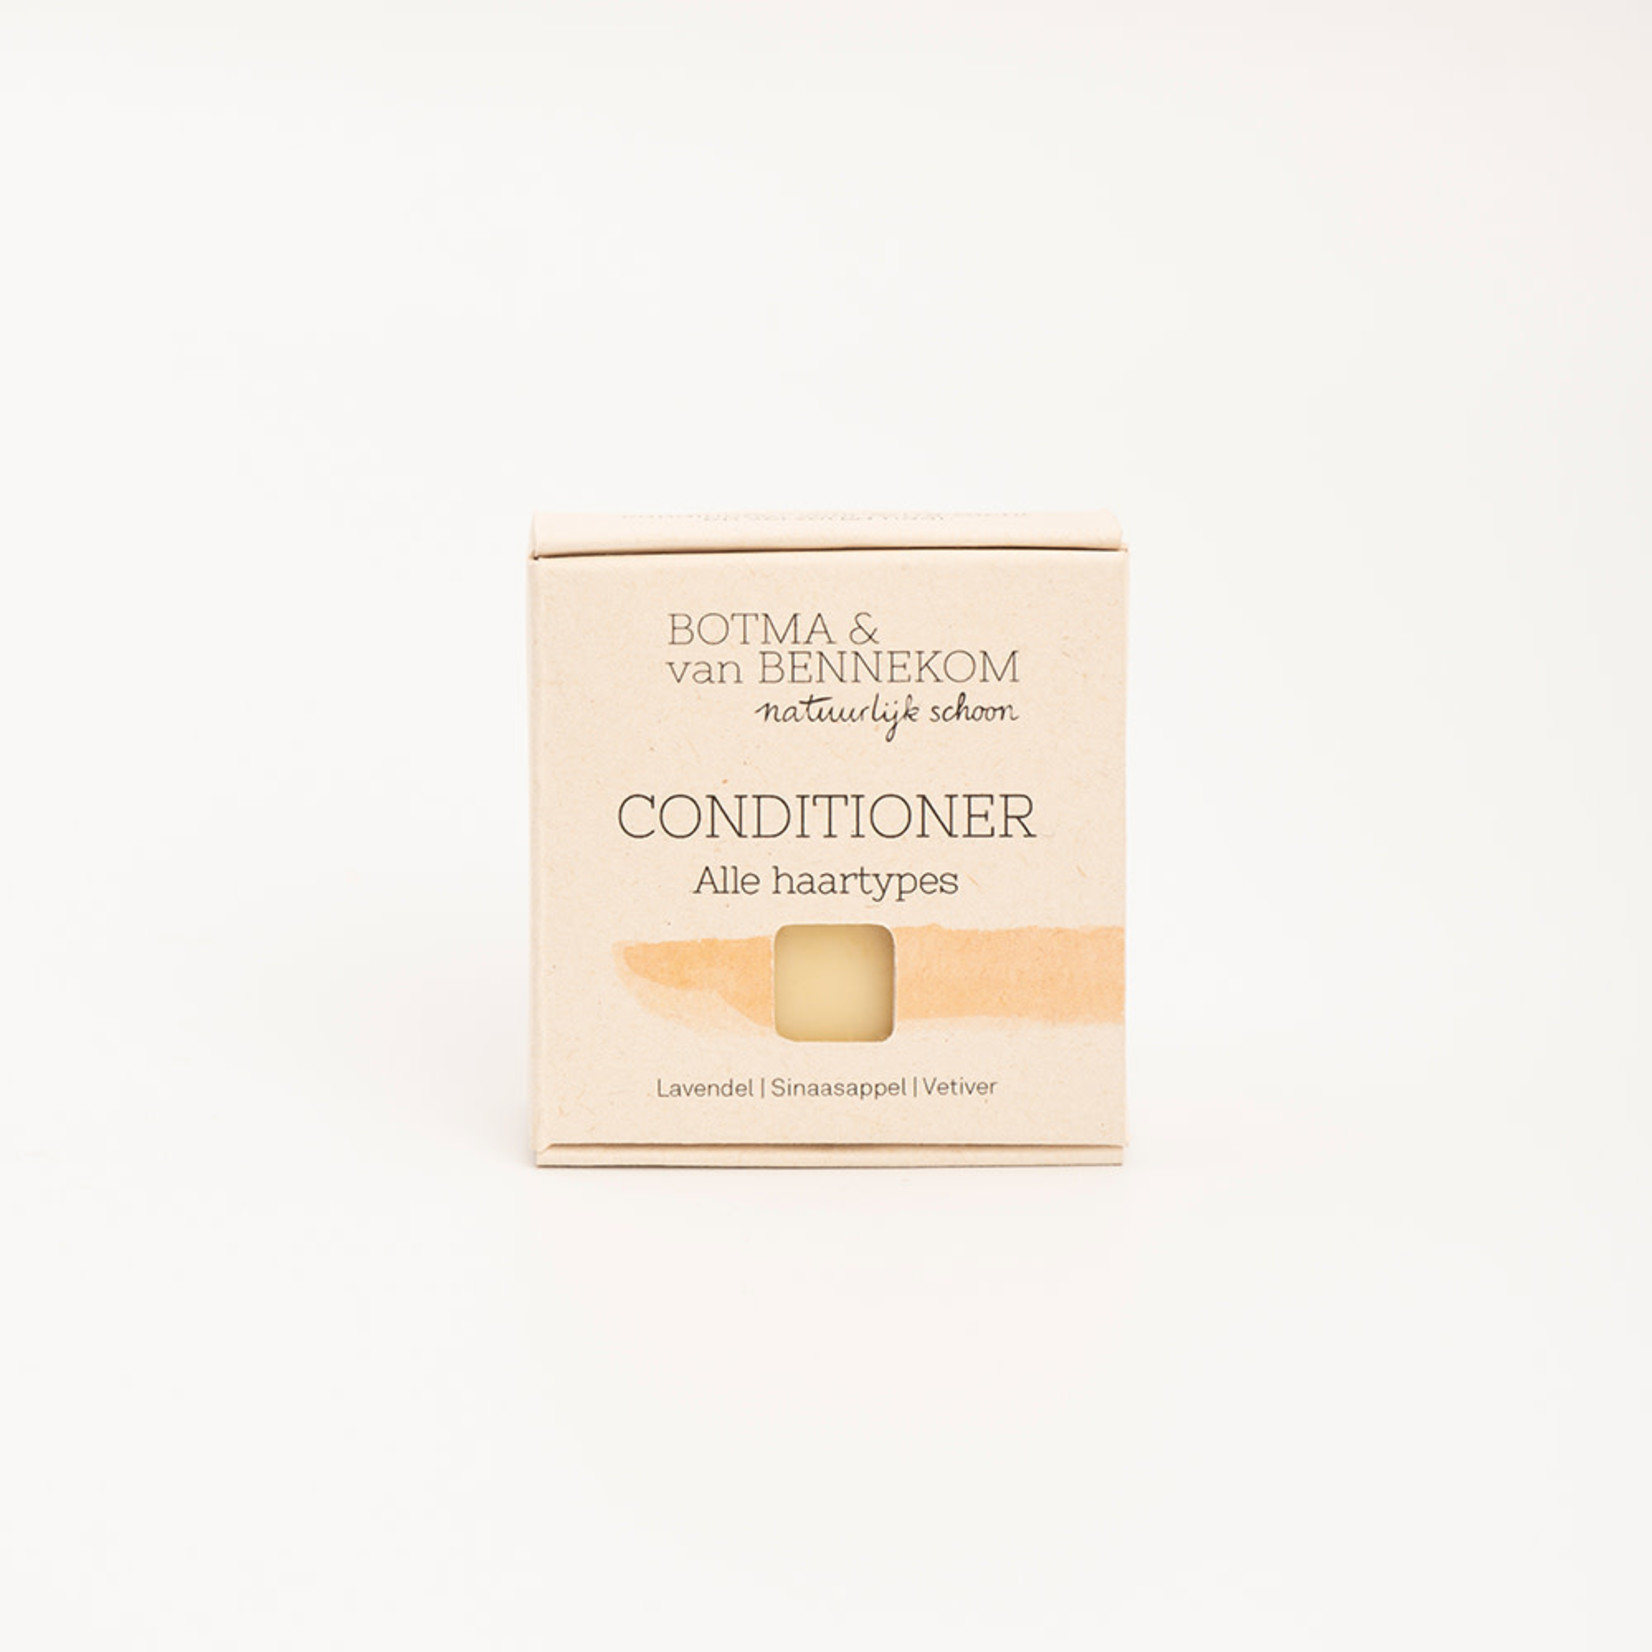 Botma & van Bennekom • conditioner 50 g